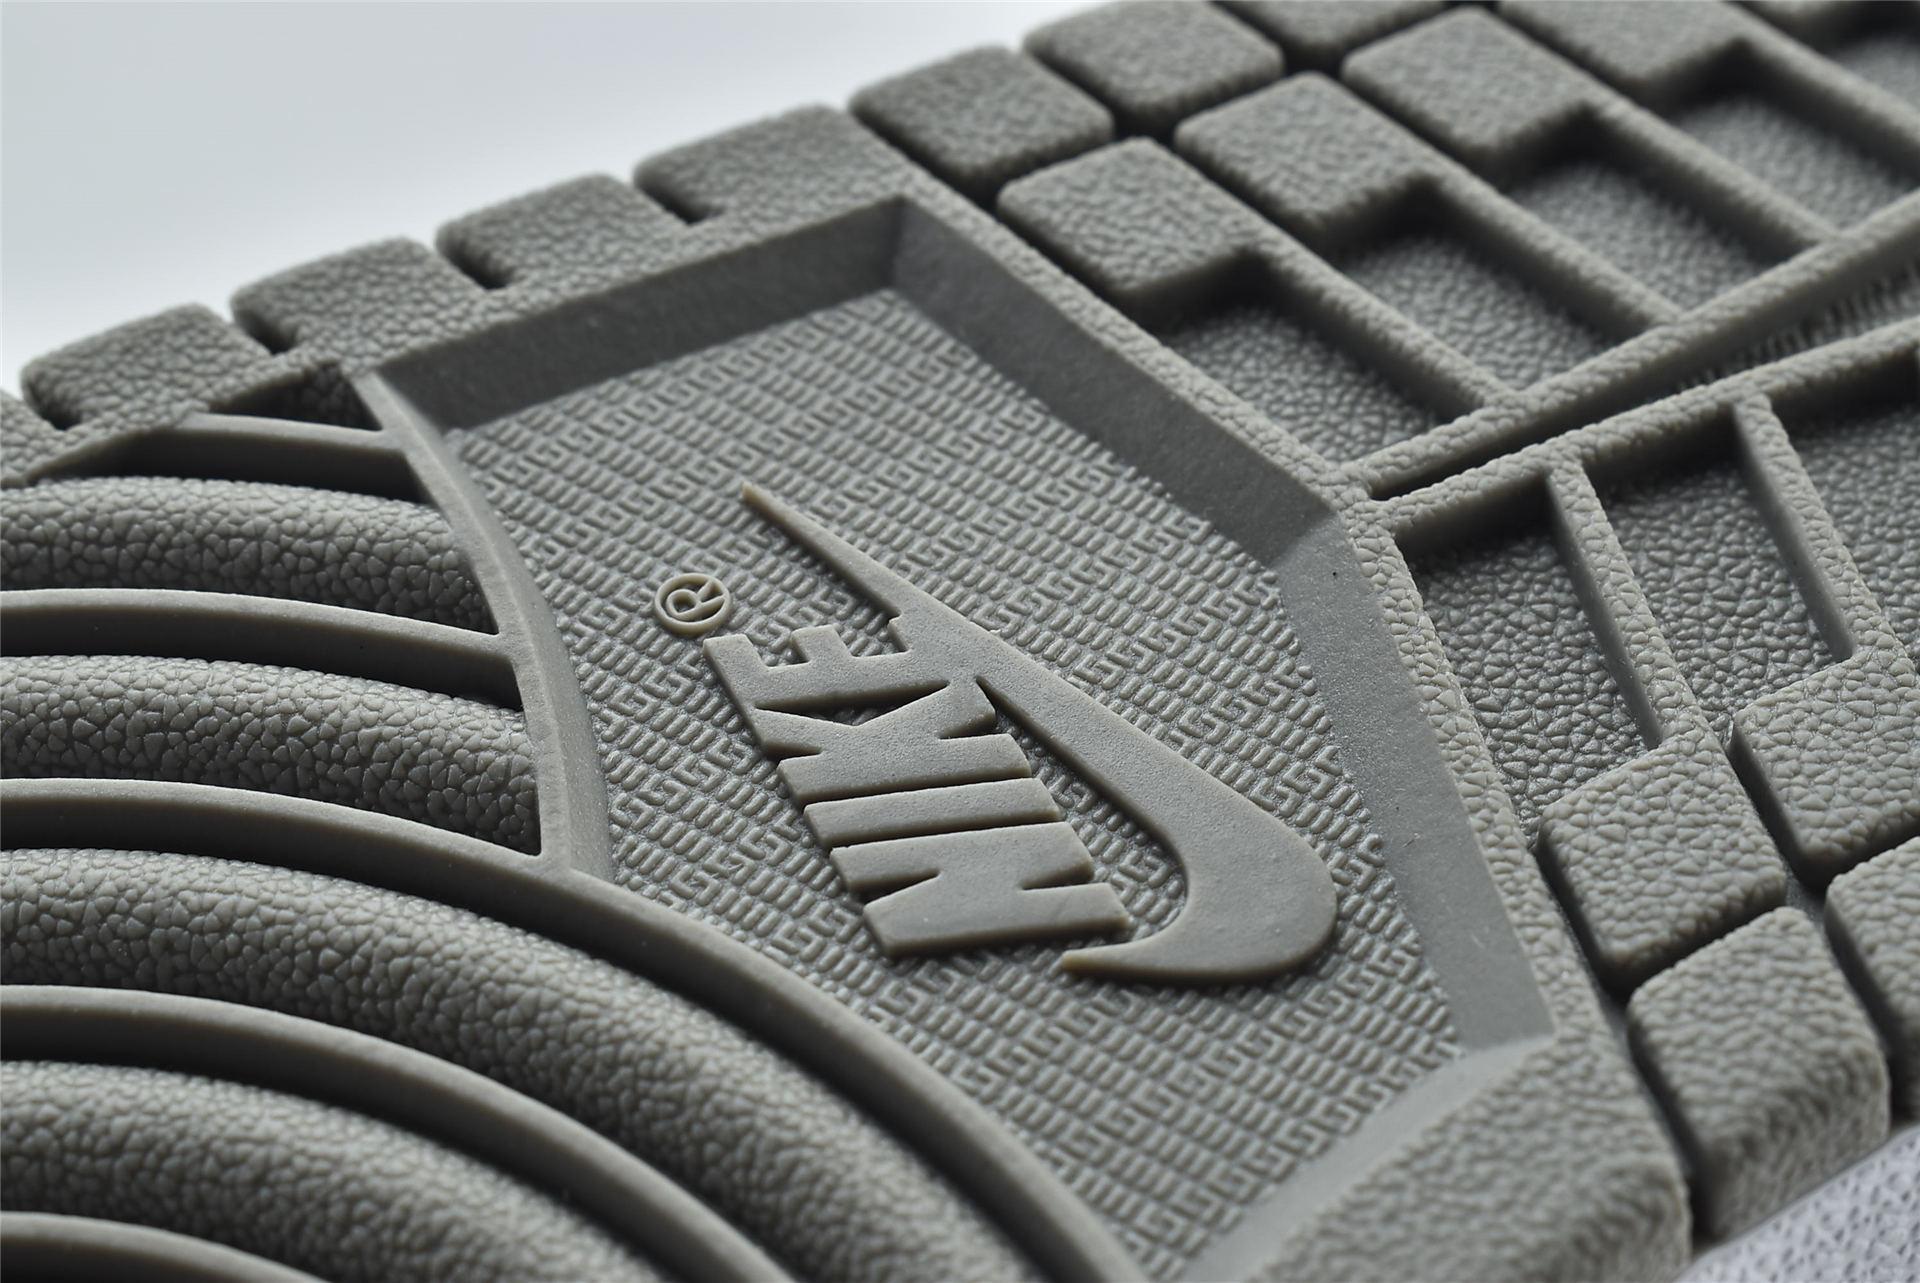 Air Jordan 1 Low AJ1 乔丹1代低帮篮球鞋/黑灰 影子  纯原 软头层  货号:553558-039   男女鞋  情侣款